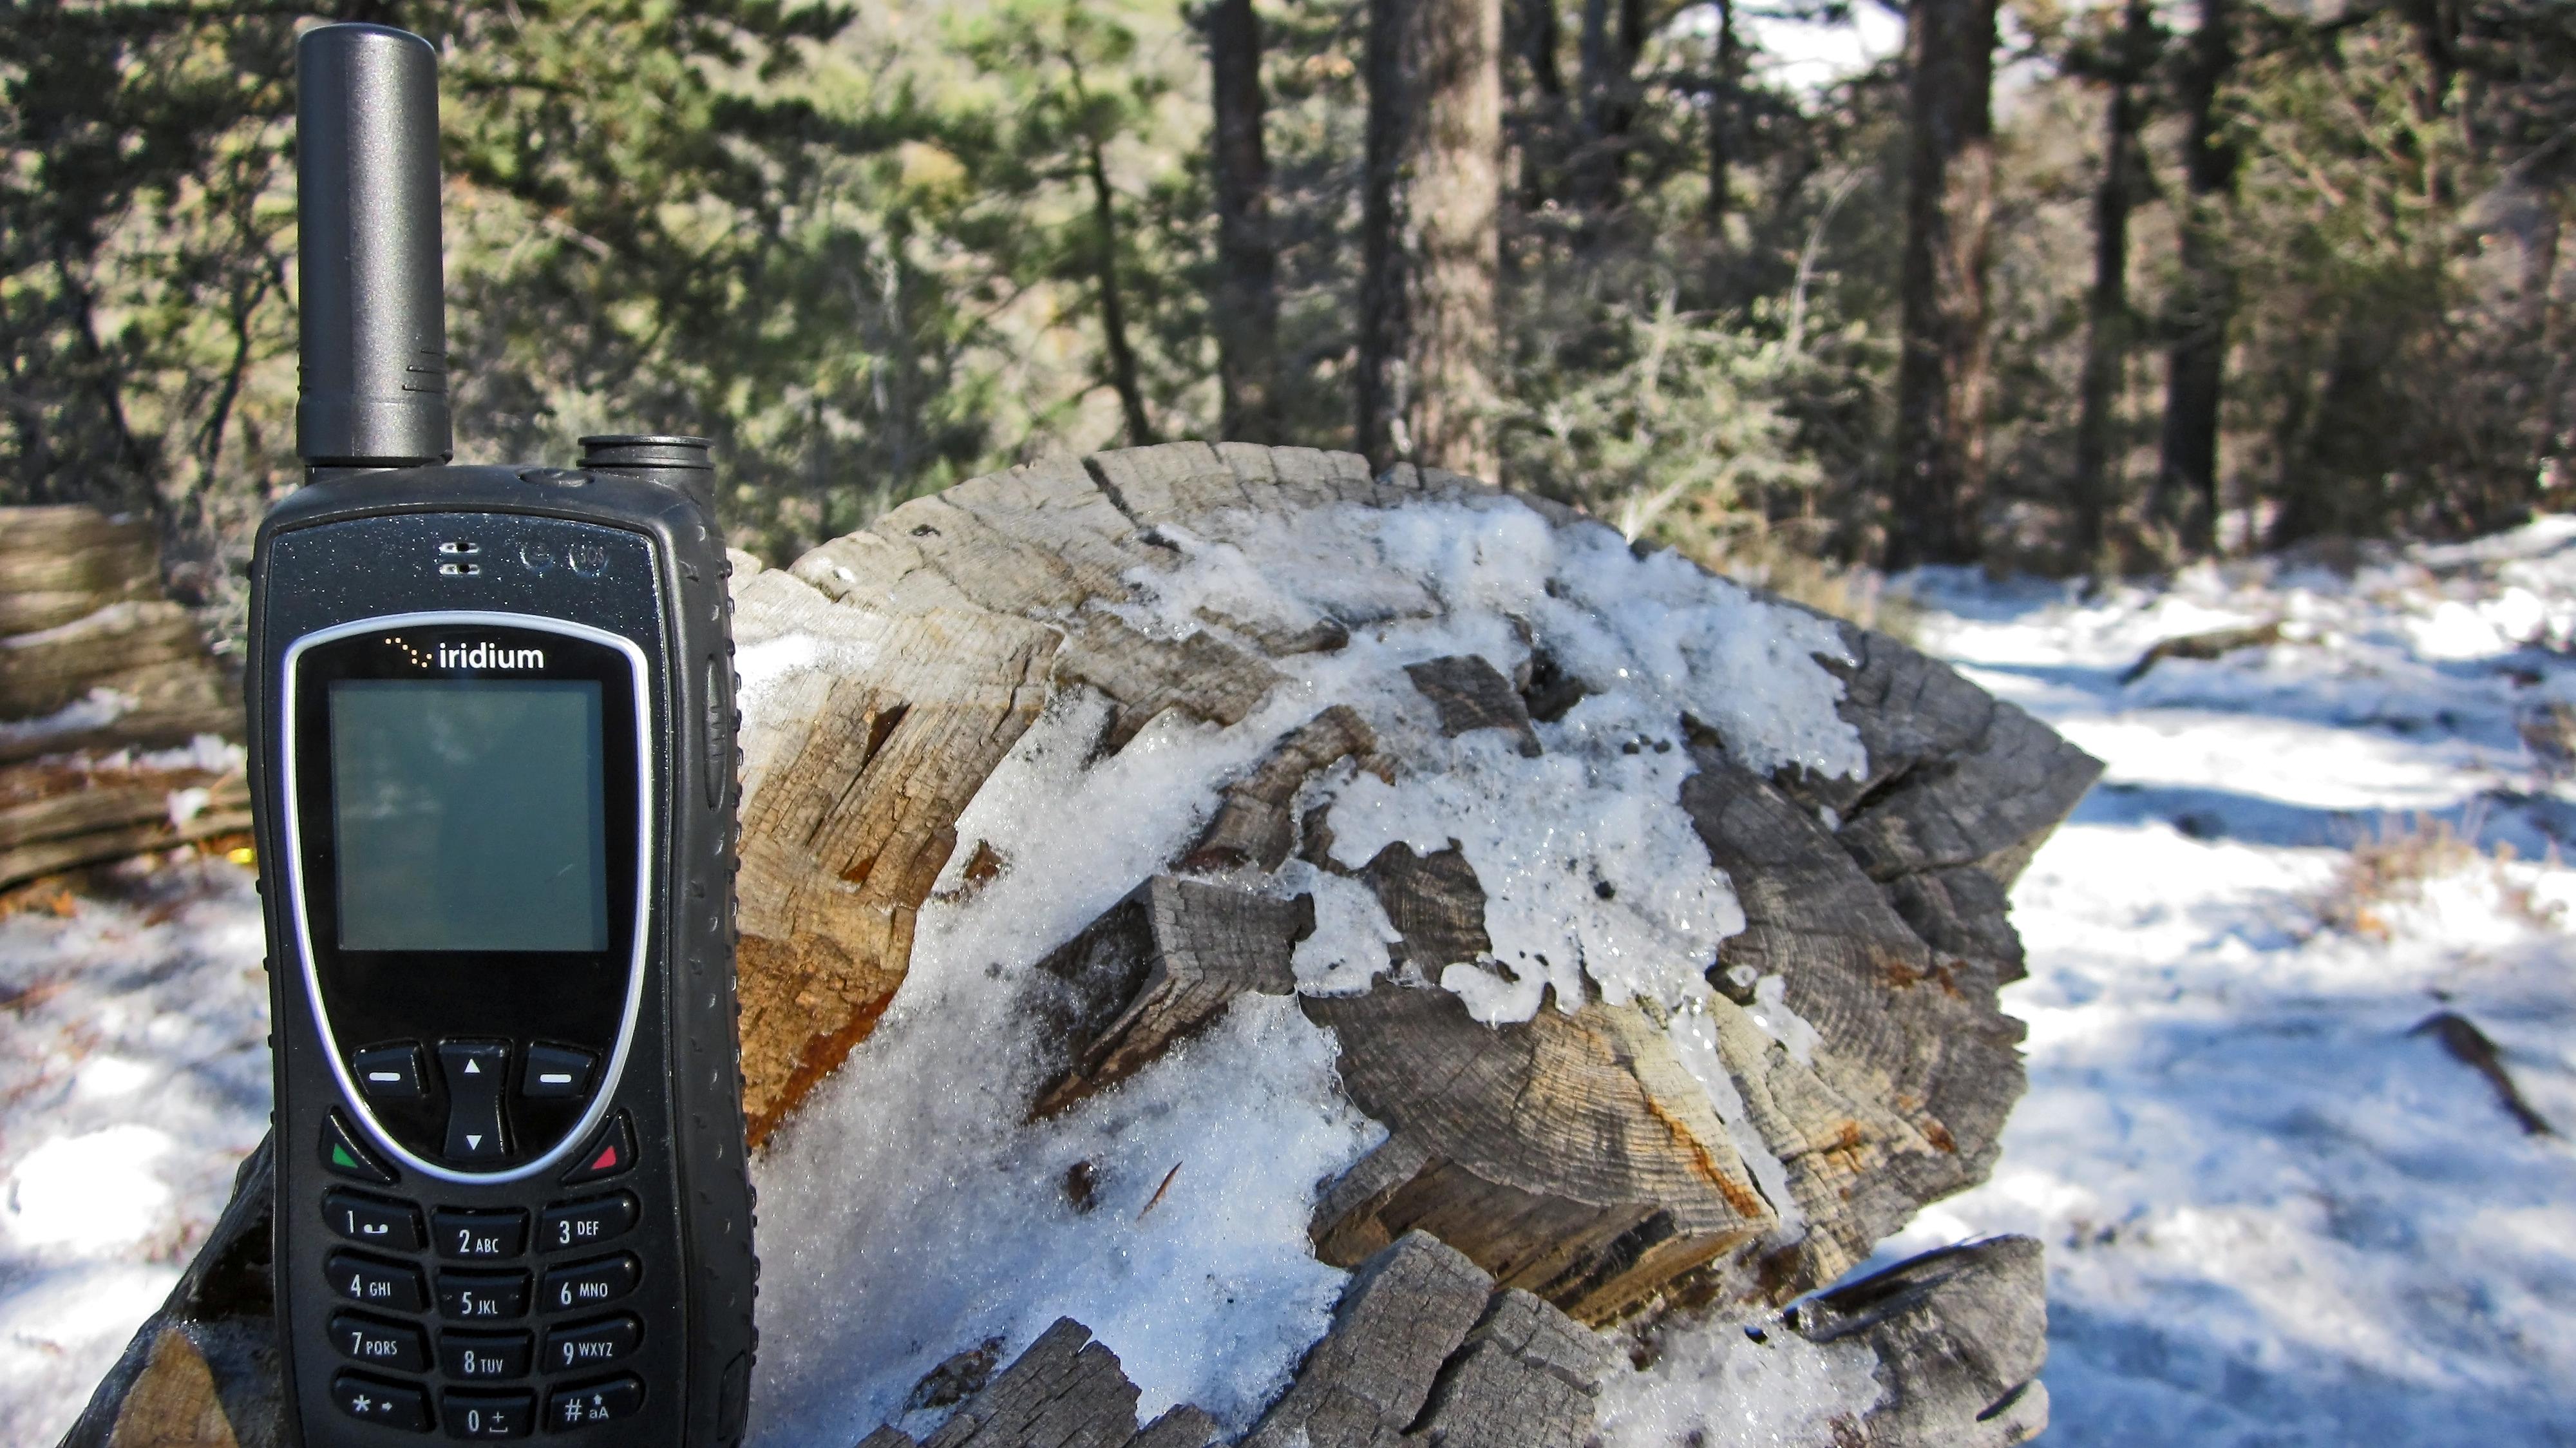 iridium-9575-extreme-satellite-phone-in-snowy-enviroment.jpg